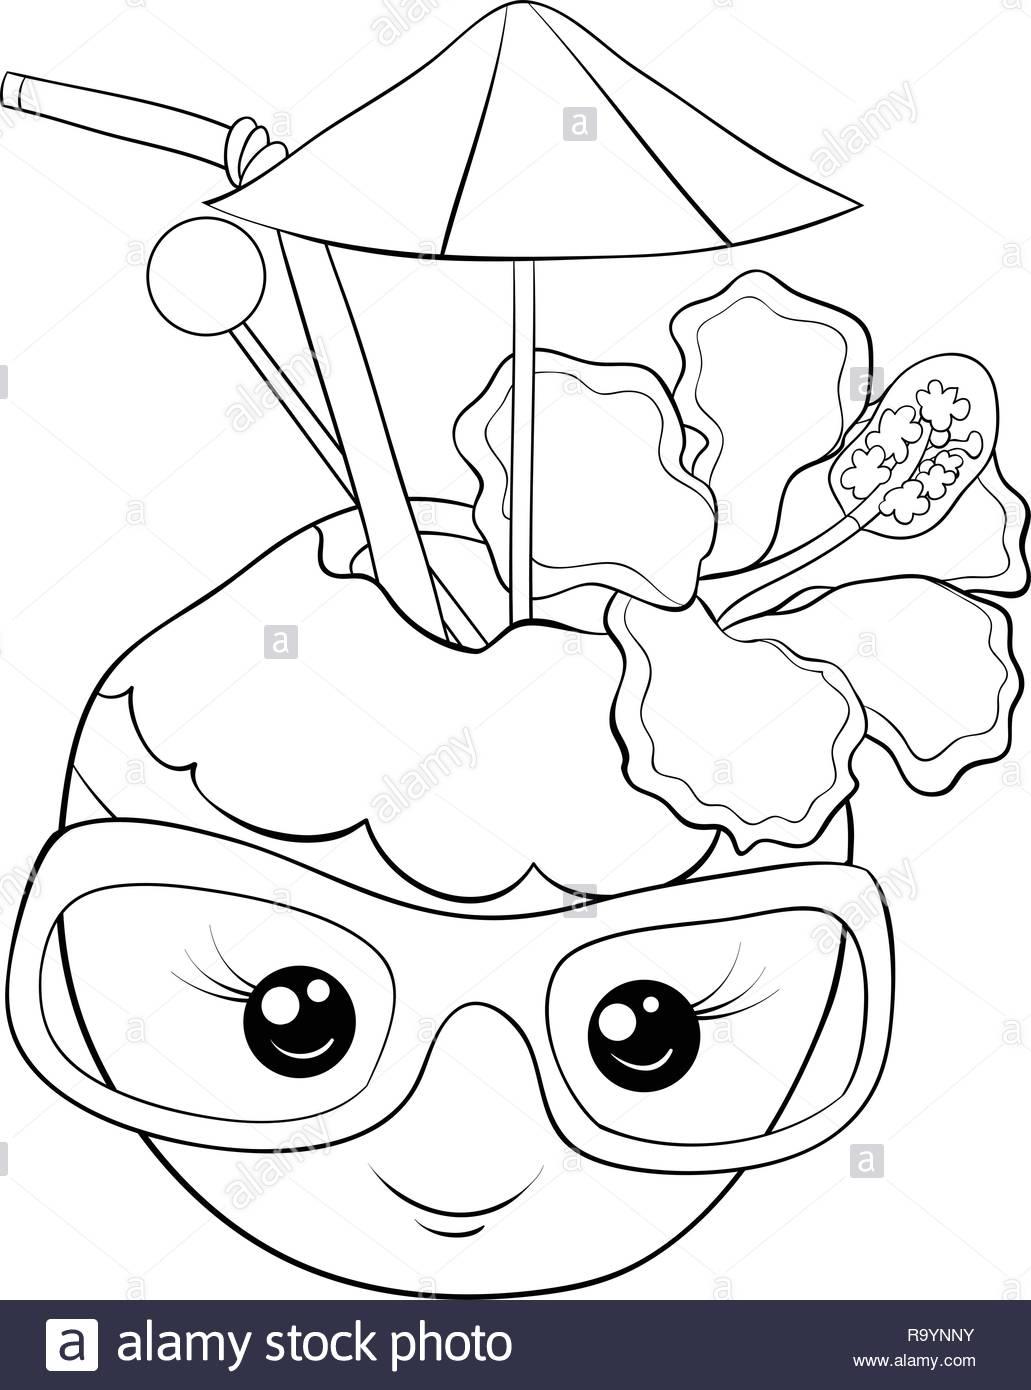 Una Caricatura Lindo Coco Con Gafas Imagen Para Actividad